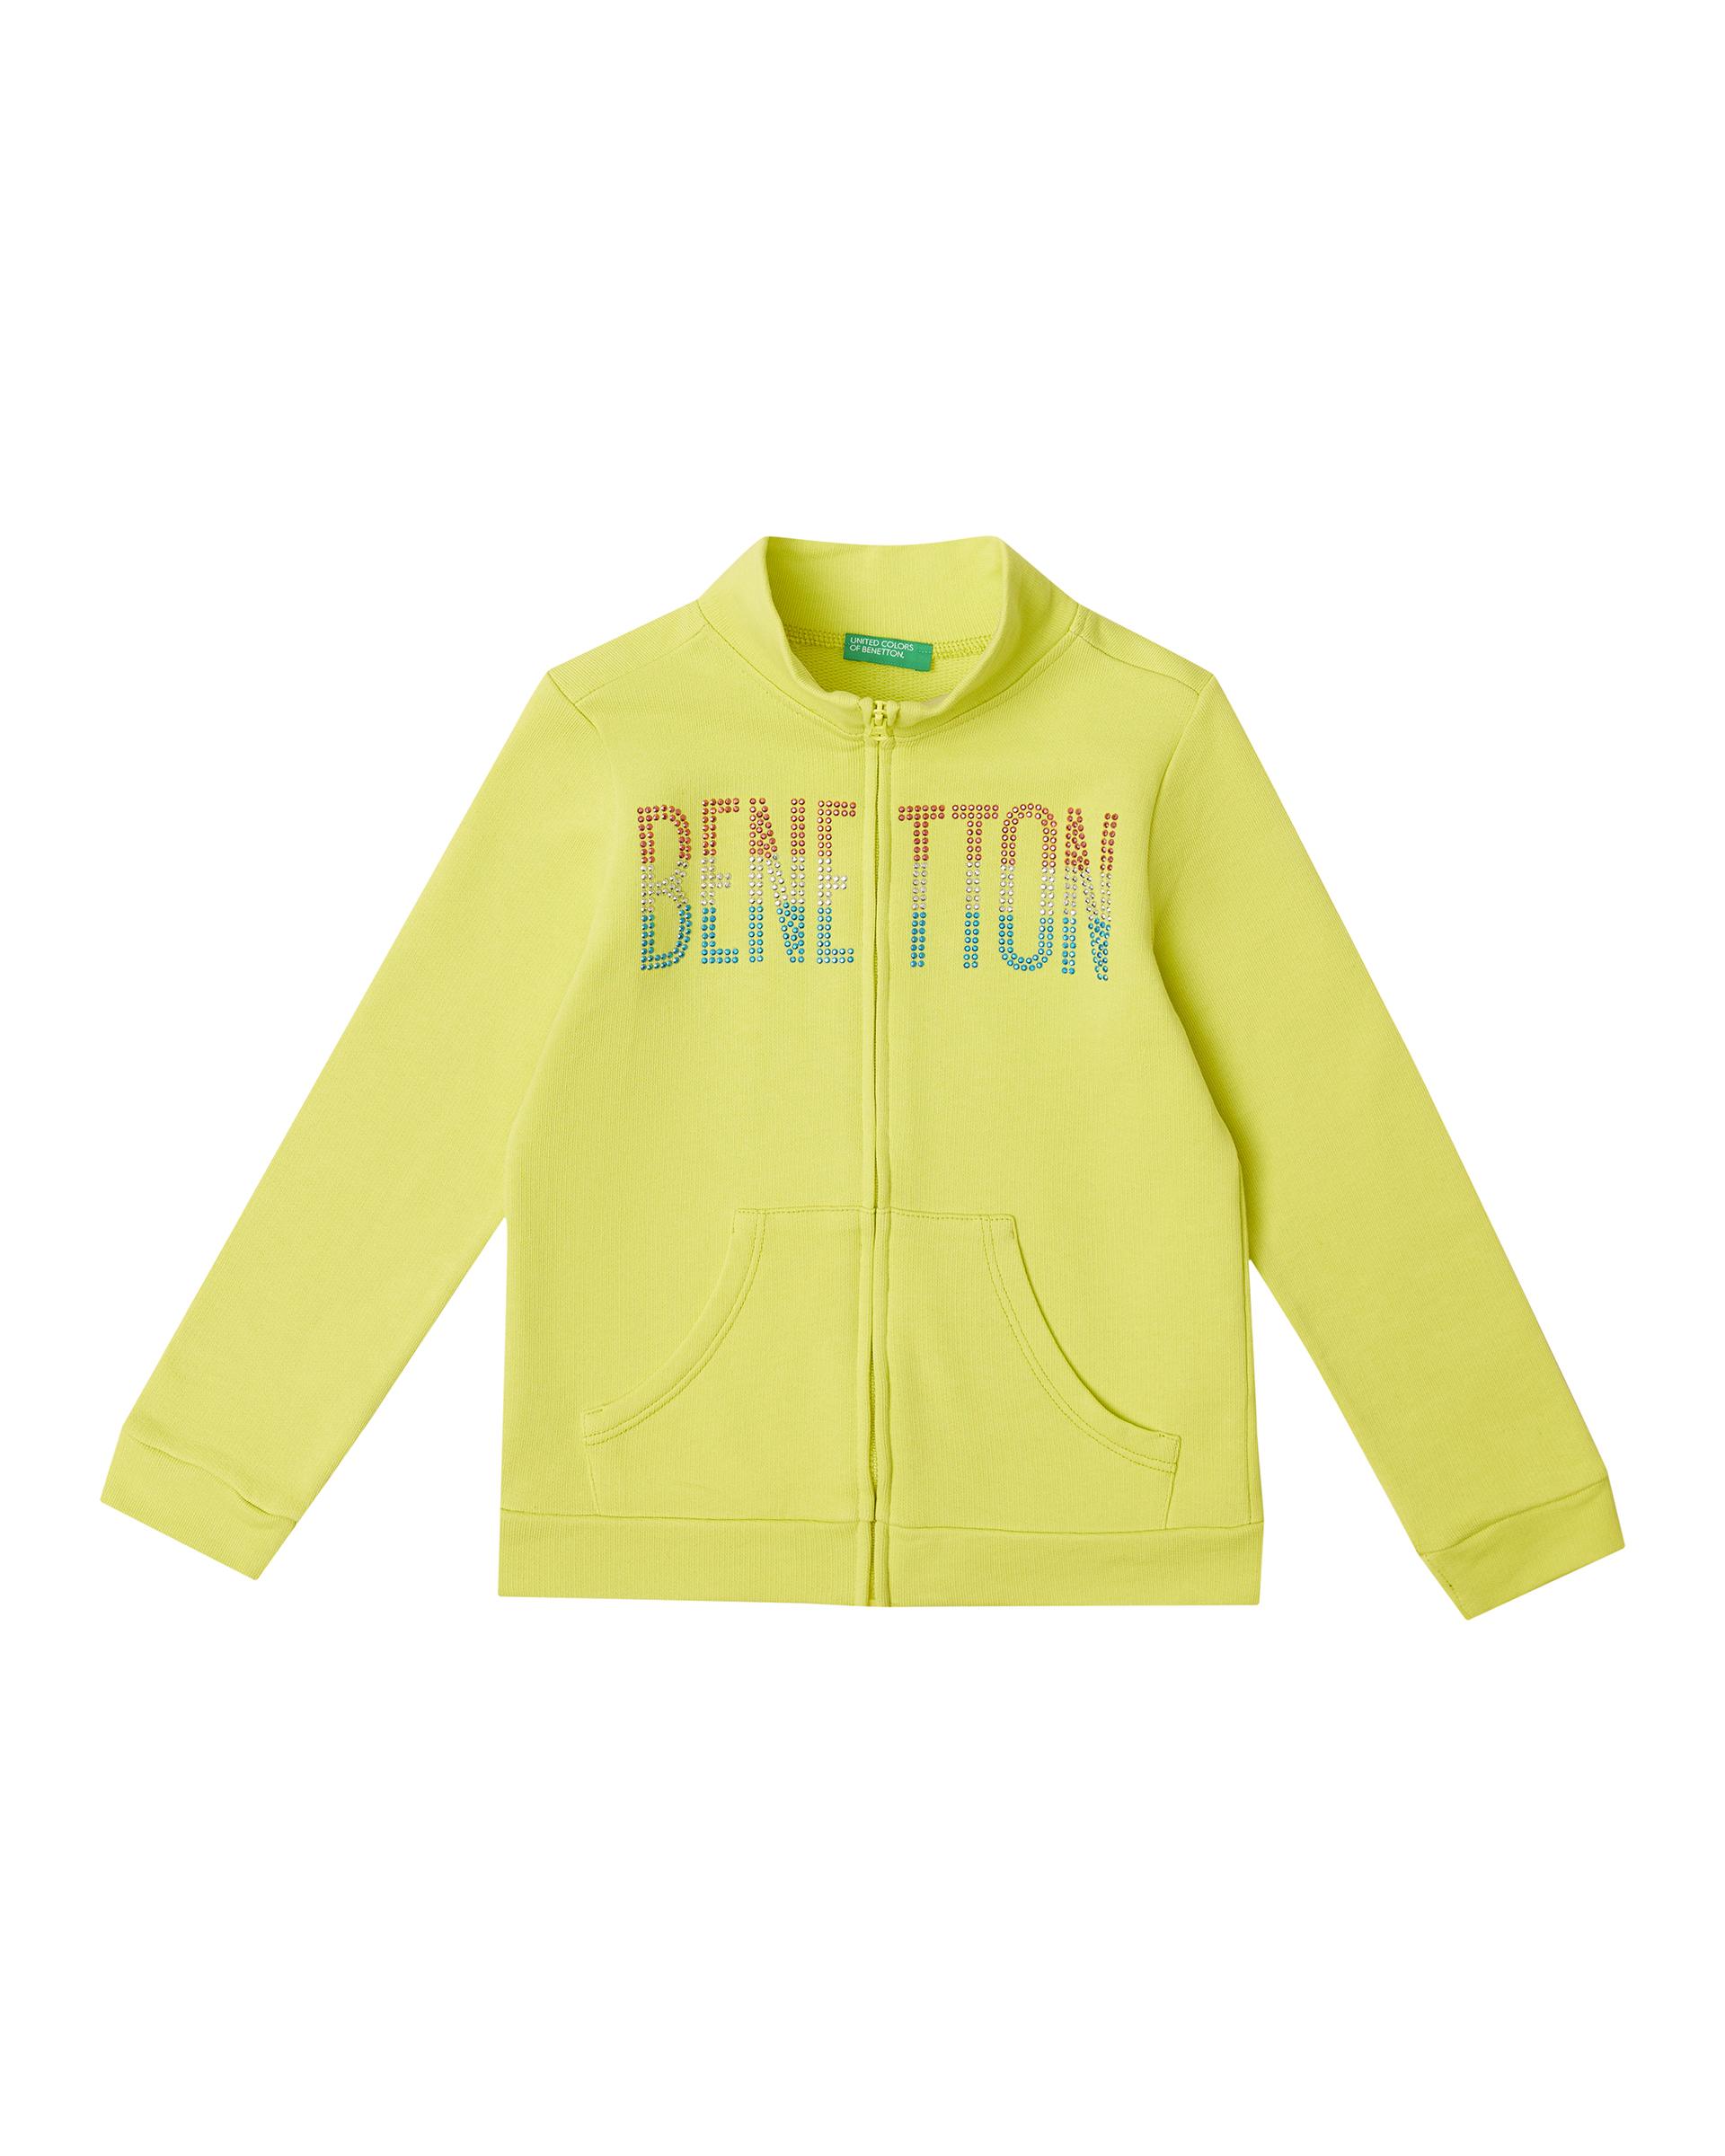 Купить 20P_3J68C5793_28M, Толстовка для девочек Benetton 3J68C5793_28M р-р 170, United Colors of Benetton, Толстовки для девочек